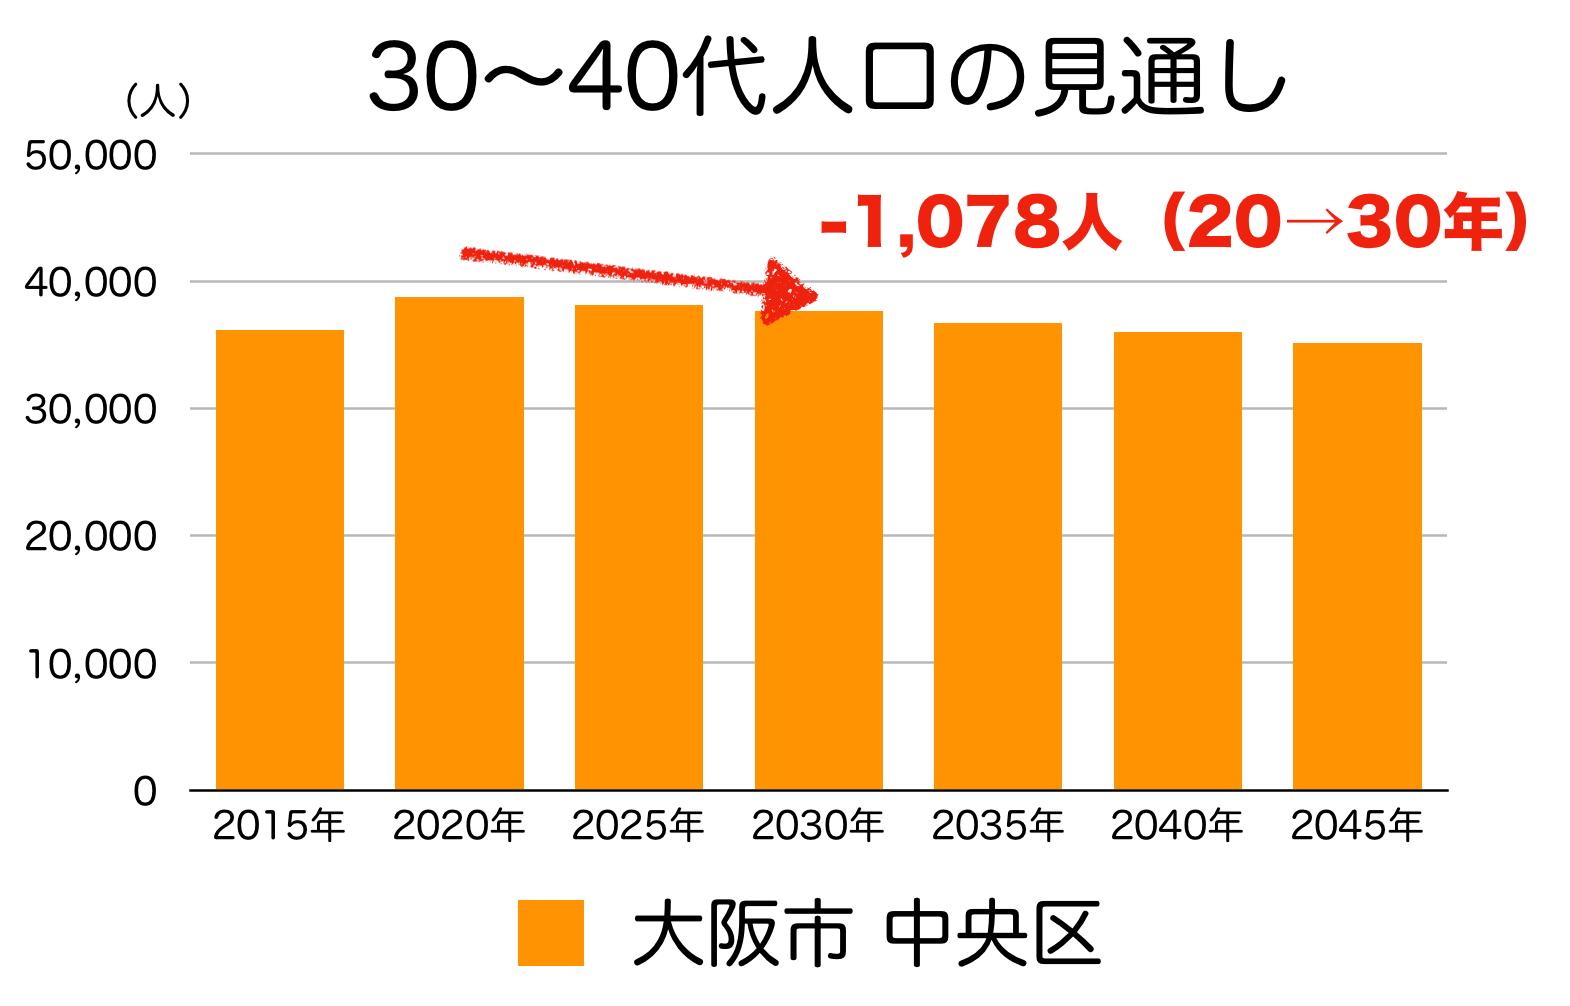 大阪市中央区の30〜40代人口の予測